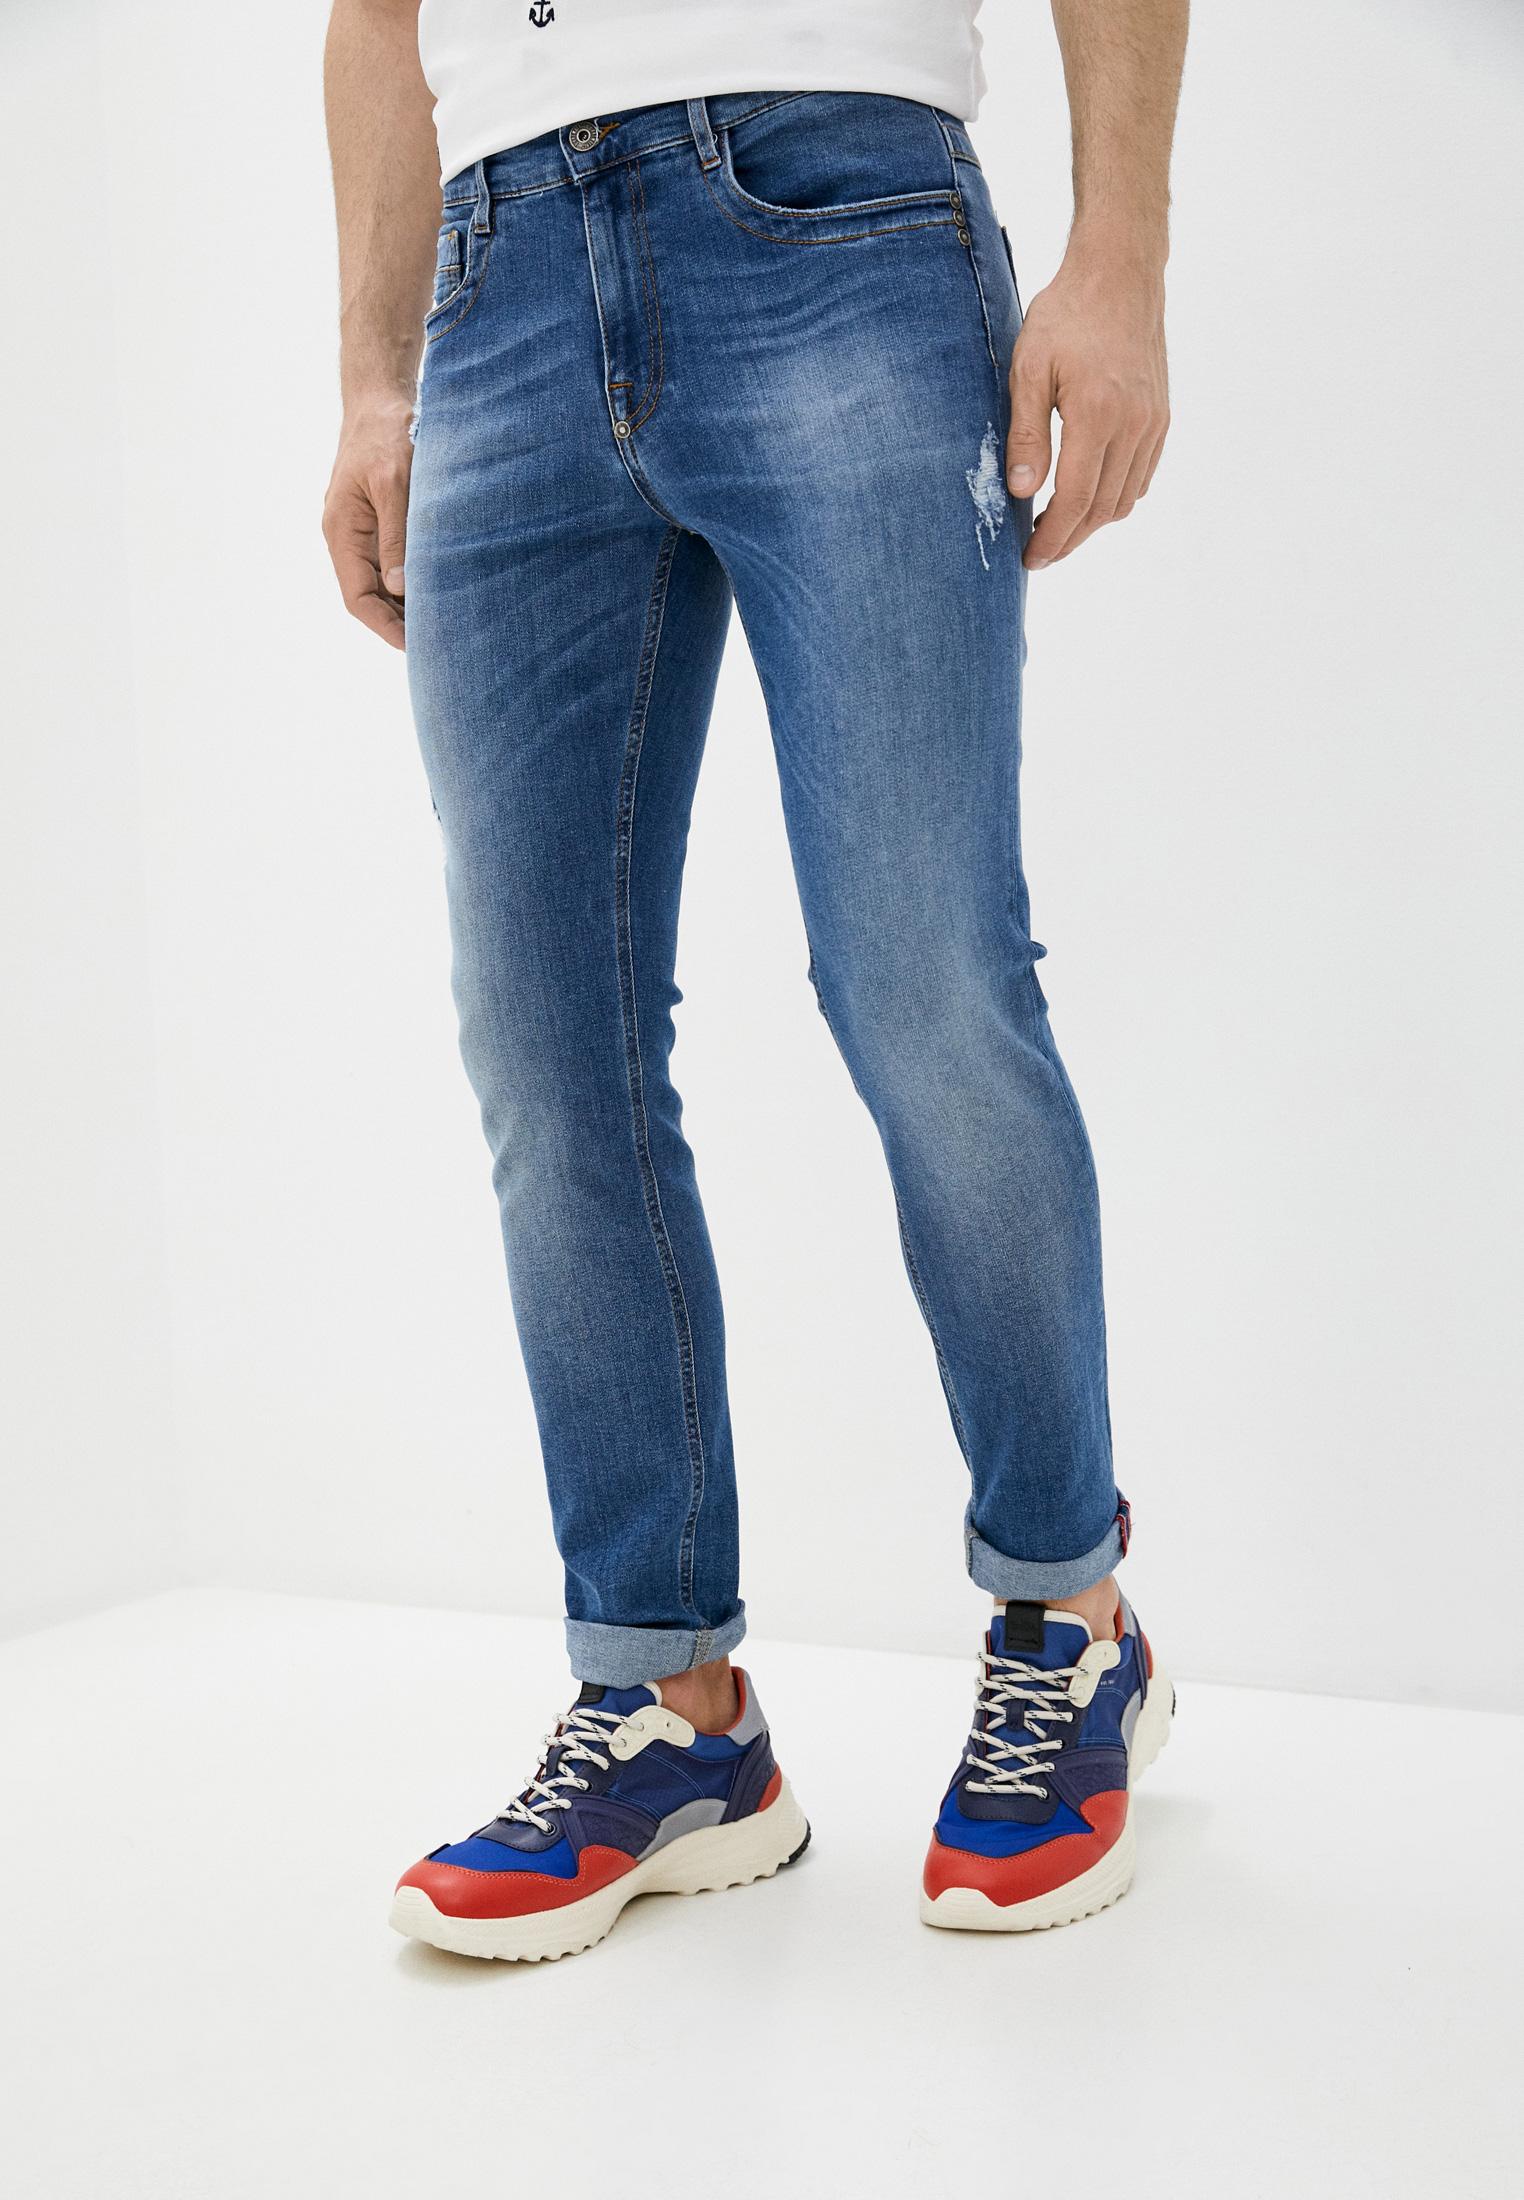 Мужские зауженные джинсы Bikkembergs (Биккембергс) c q 101 03 s 3418: изображение 1